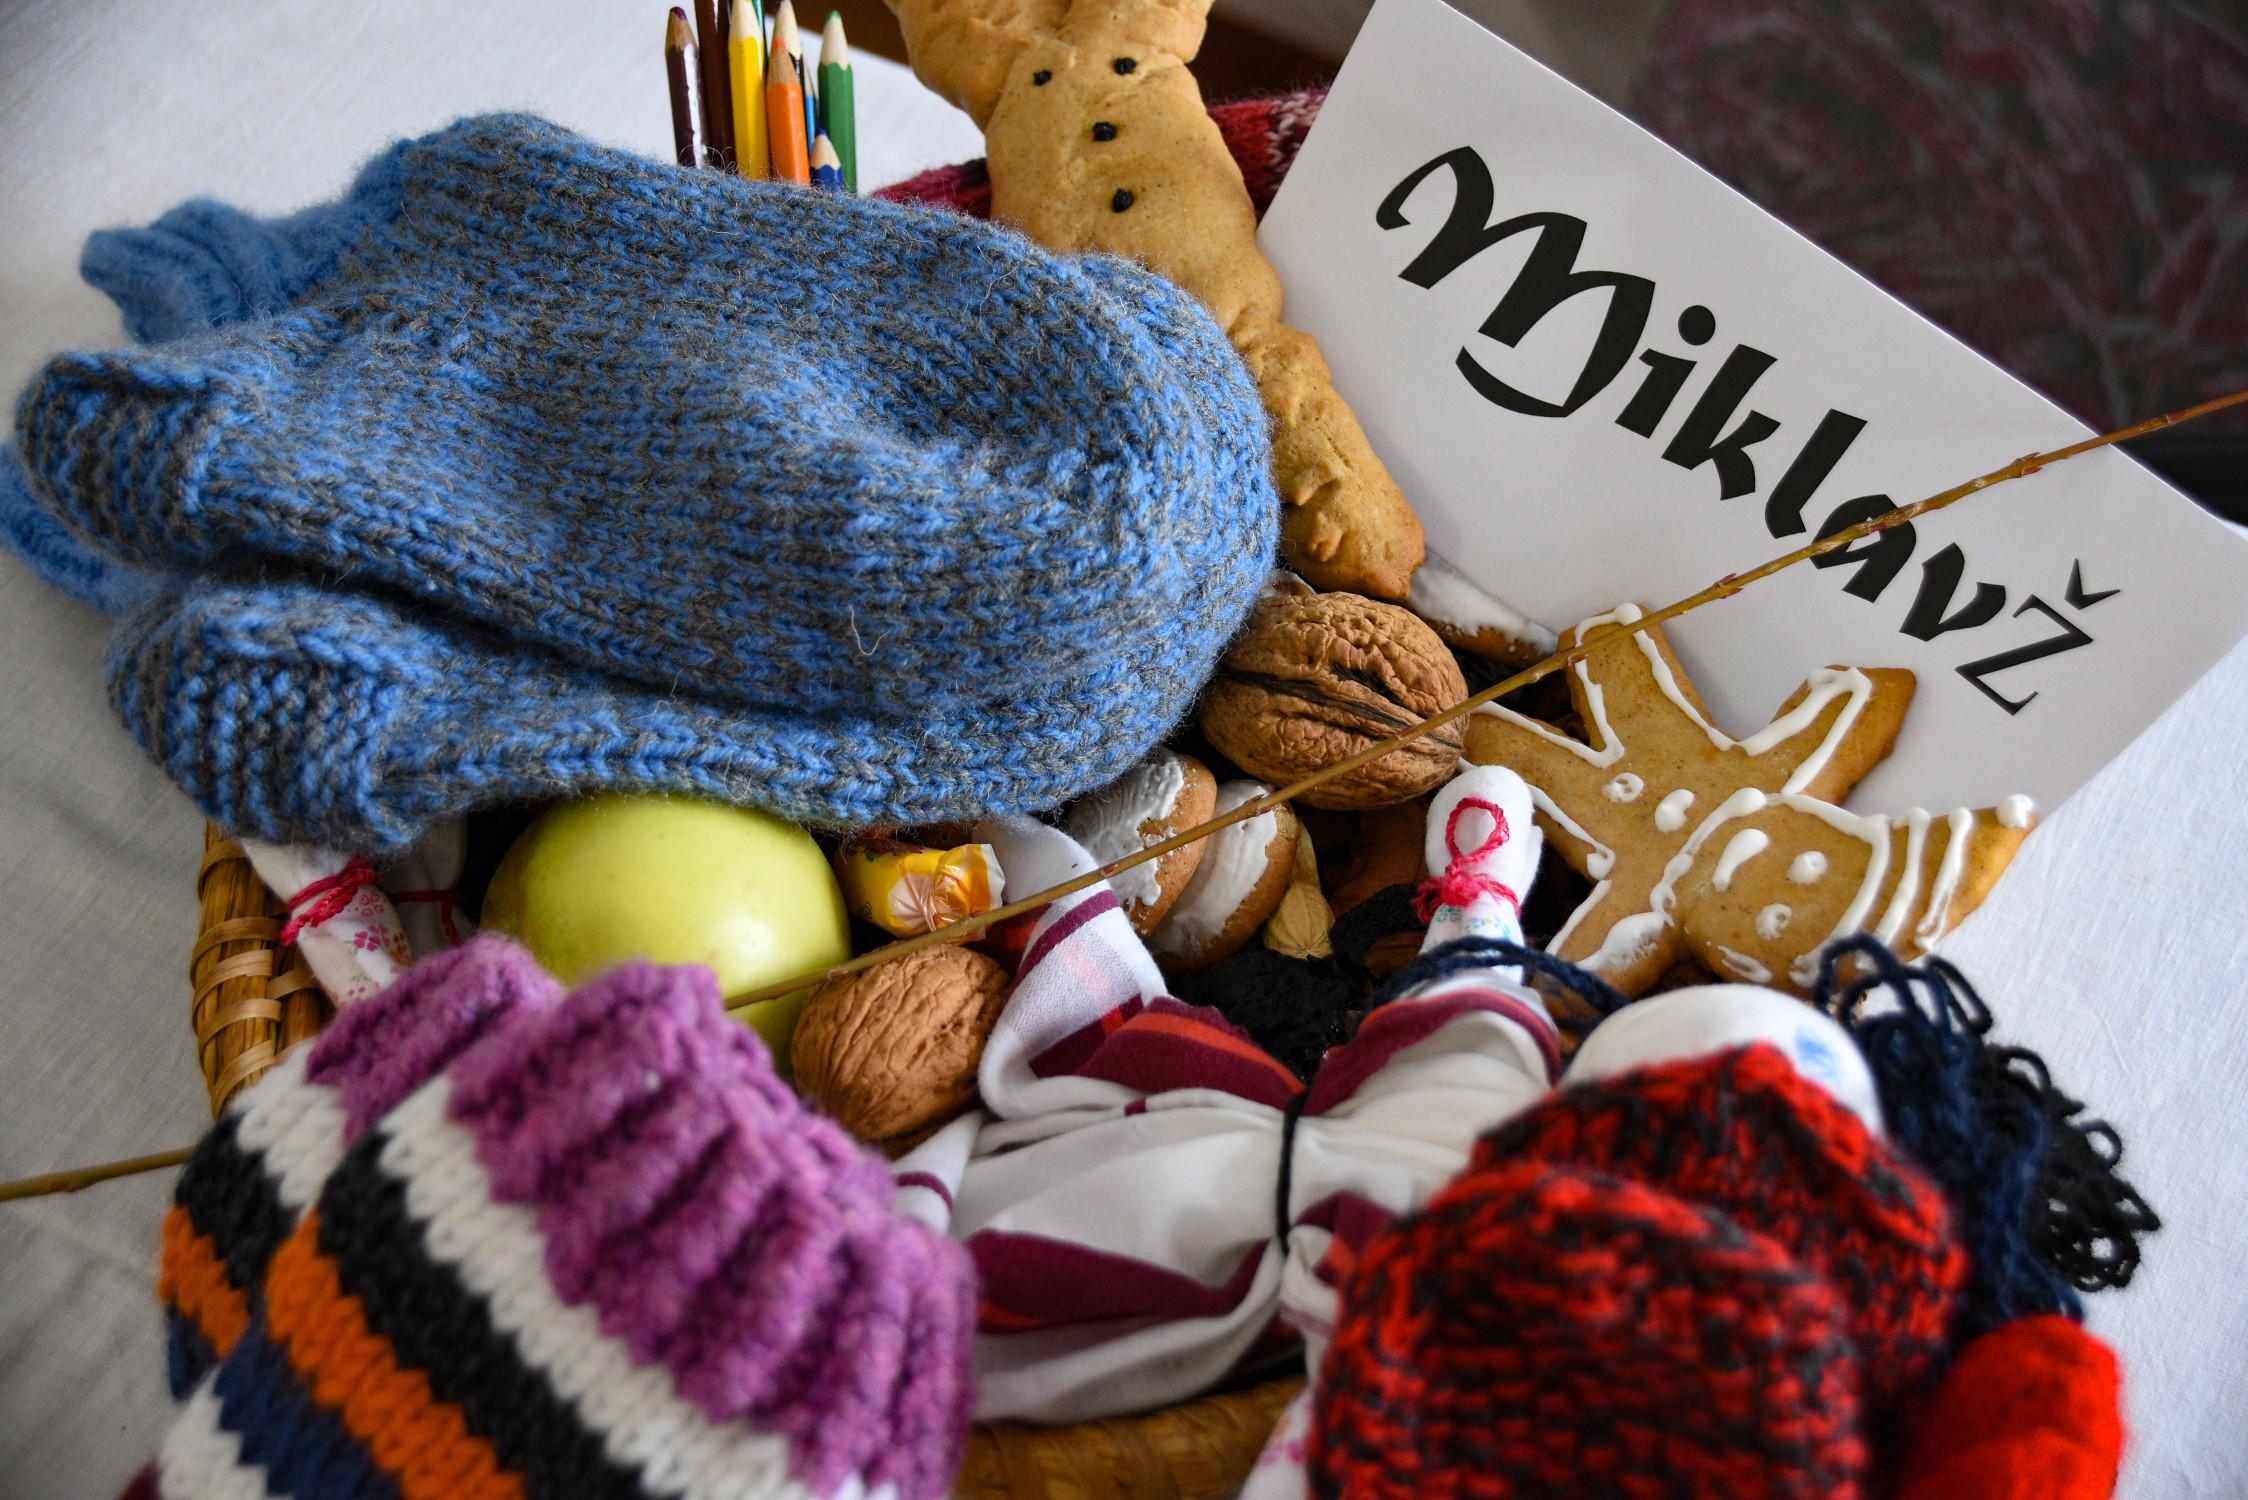 Sv. Miklavž 6. december, Pehar z Miklavževimi darovi